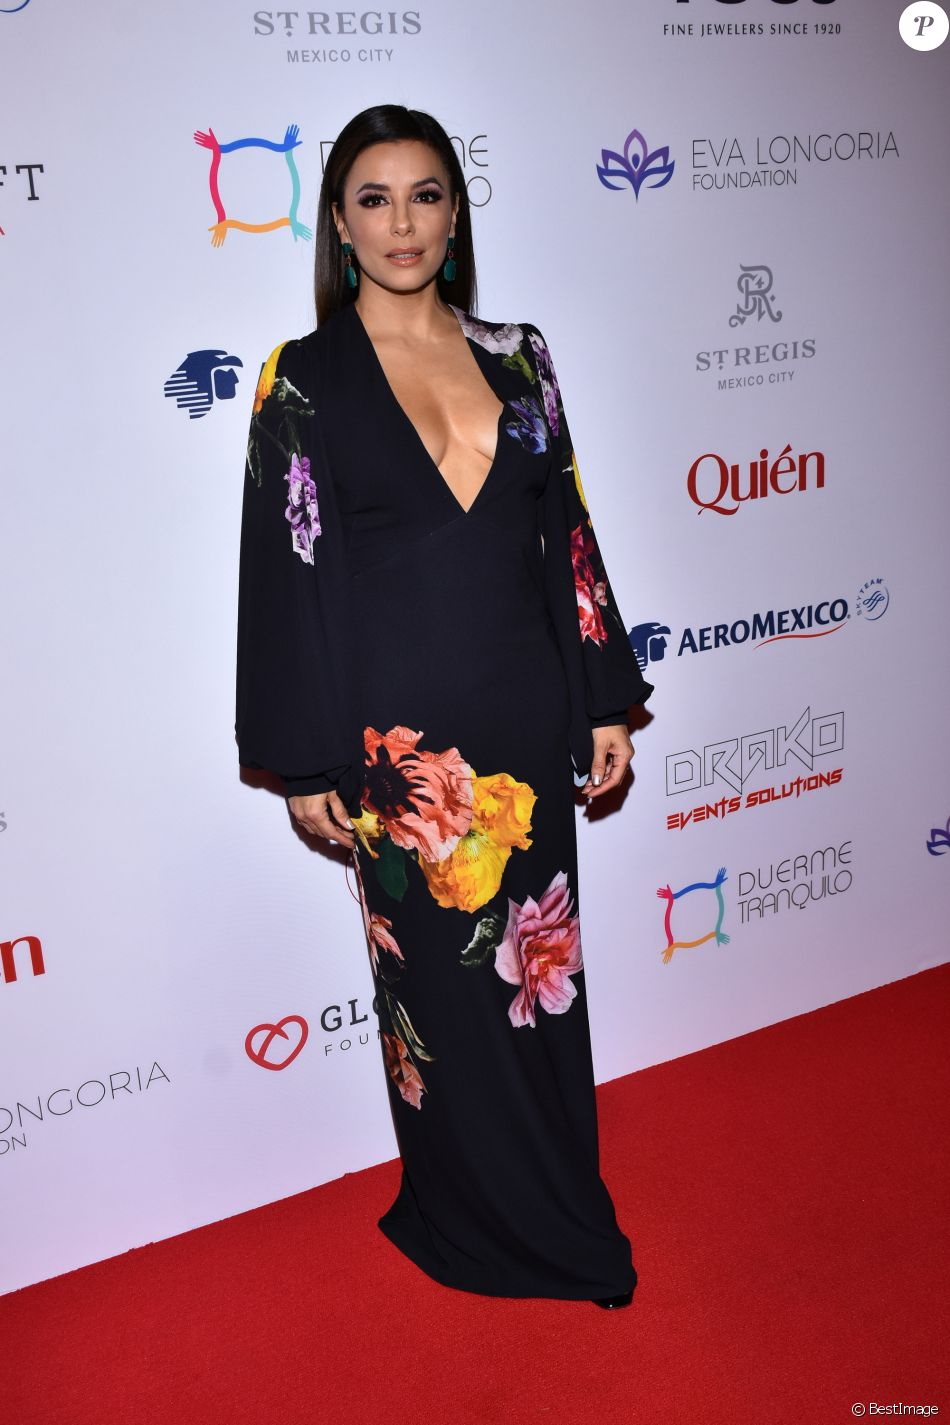 Eva Longoria assiste à la 5e soirée caritative Global Gift Gala, à l'hôtel St Regis à Mexico, le 19 novembre 2019.